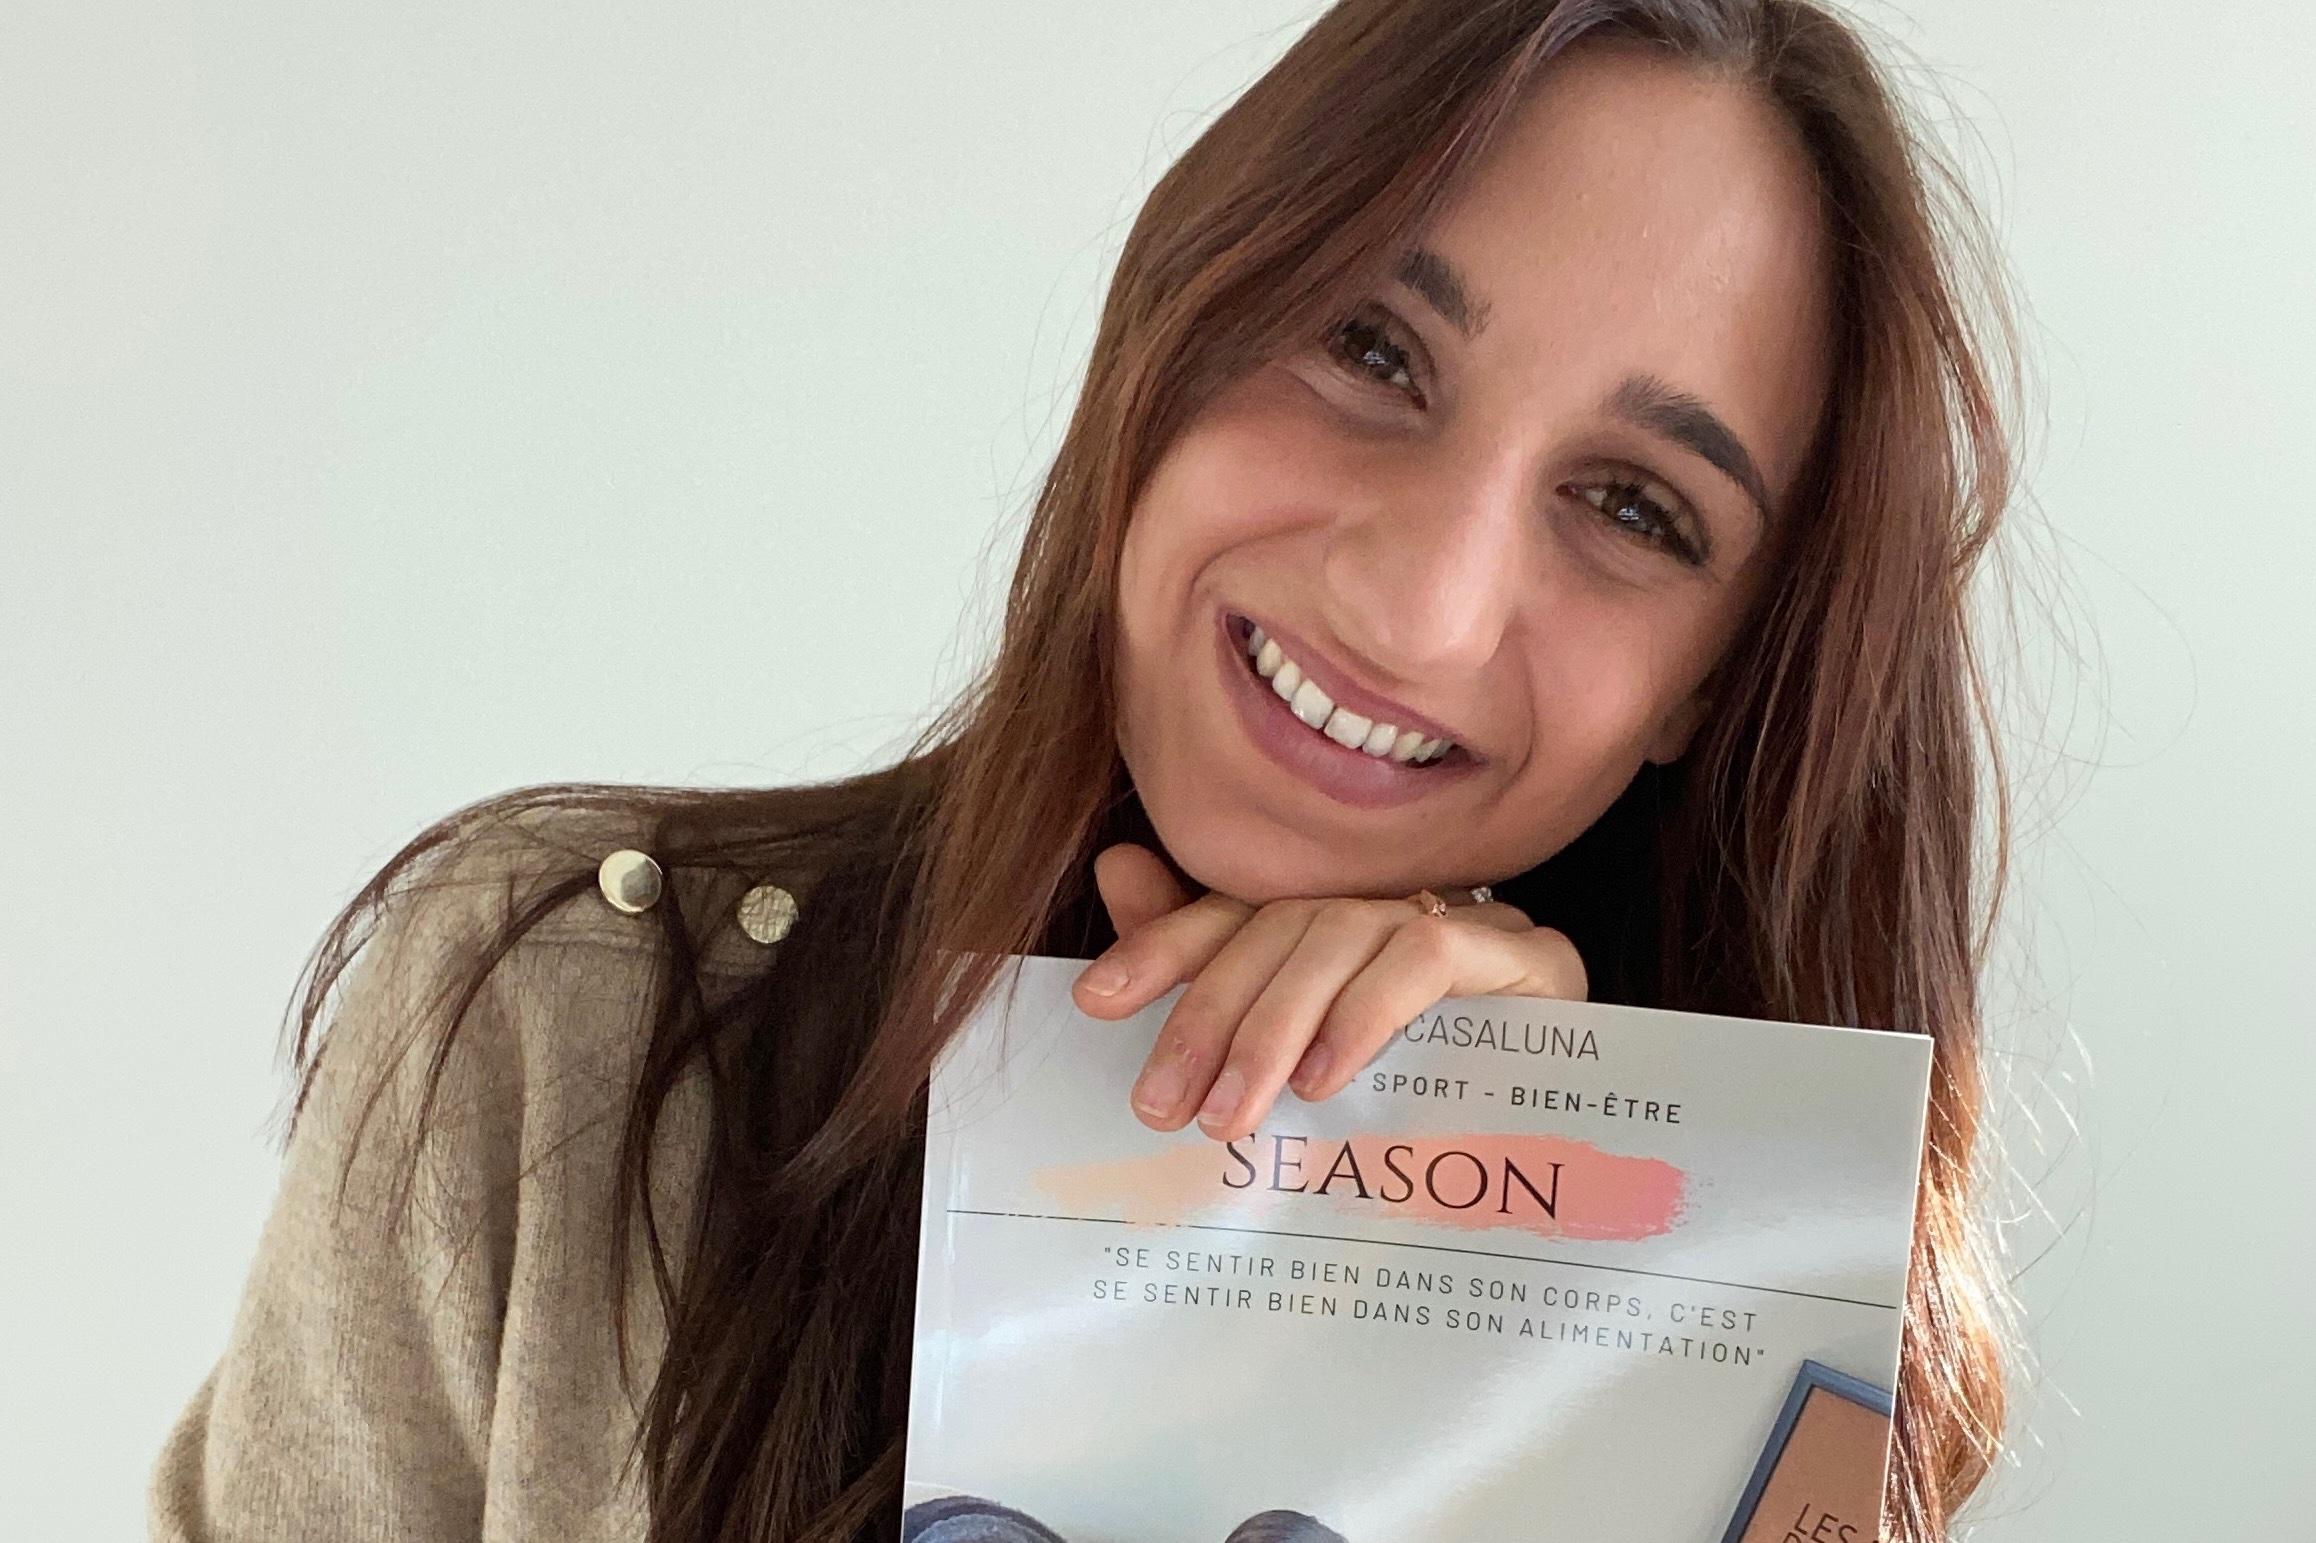 Season, le livre d'une jeune nutritionniste corse pour se sentir bien dans son corps au fil des saisons